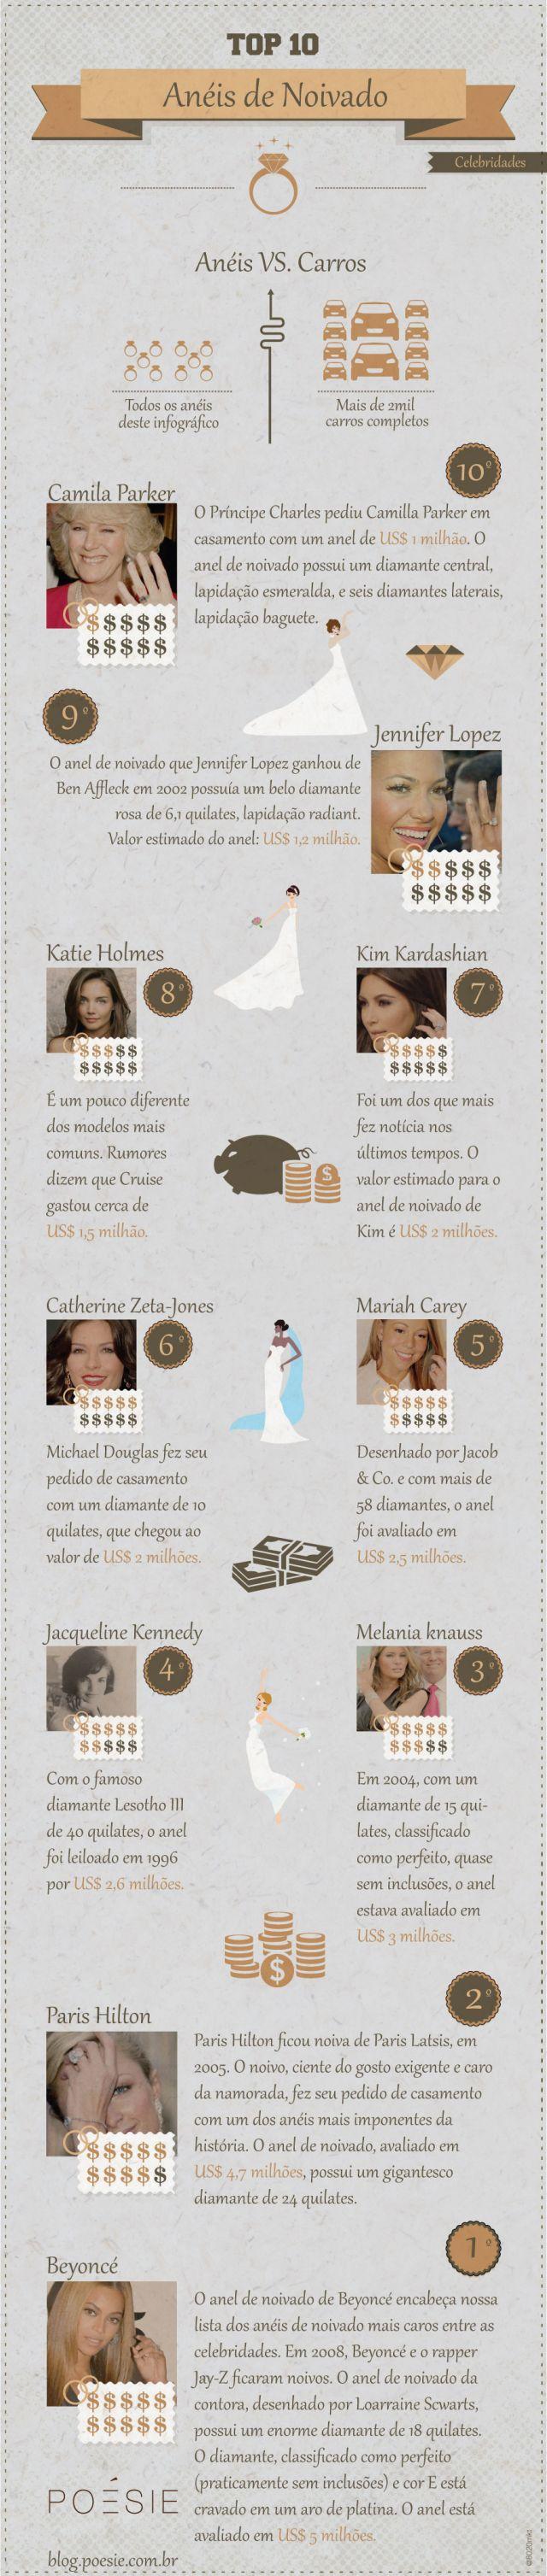 infográfico-aneis-de-noivado-de-celebridades-640